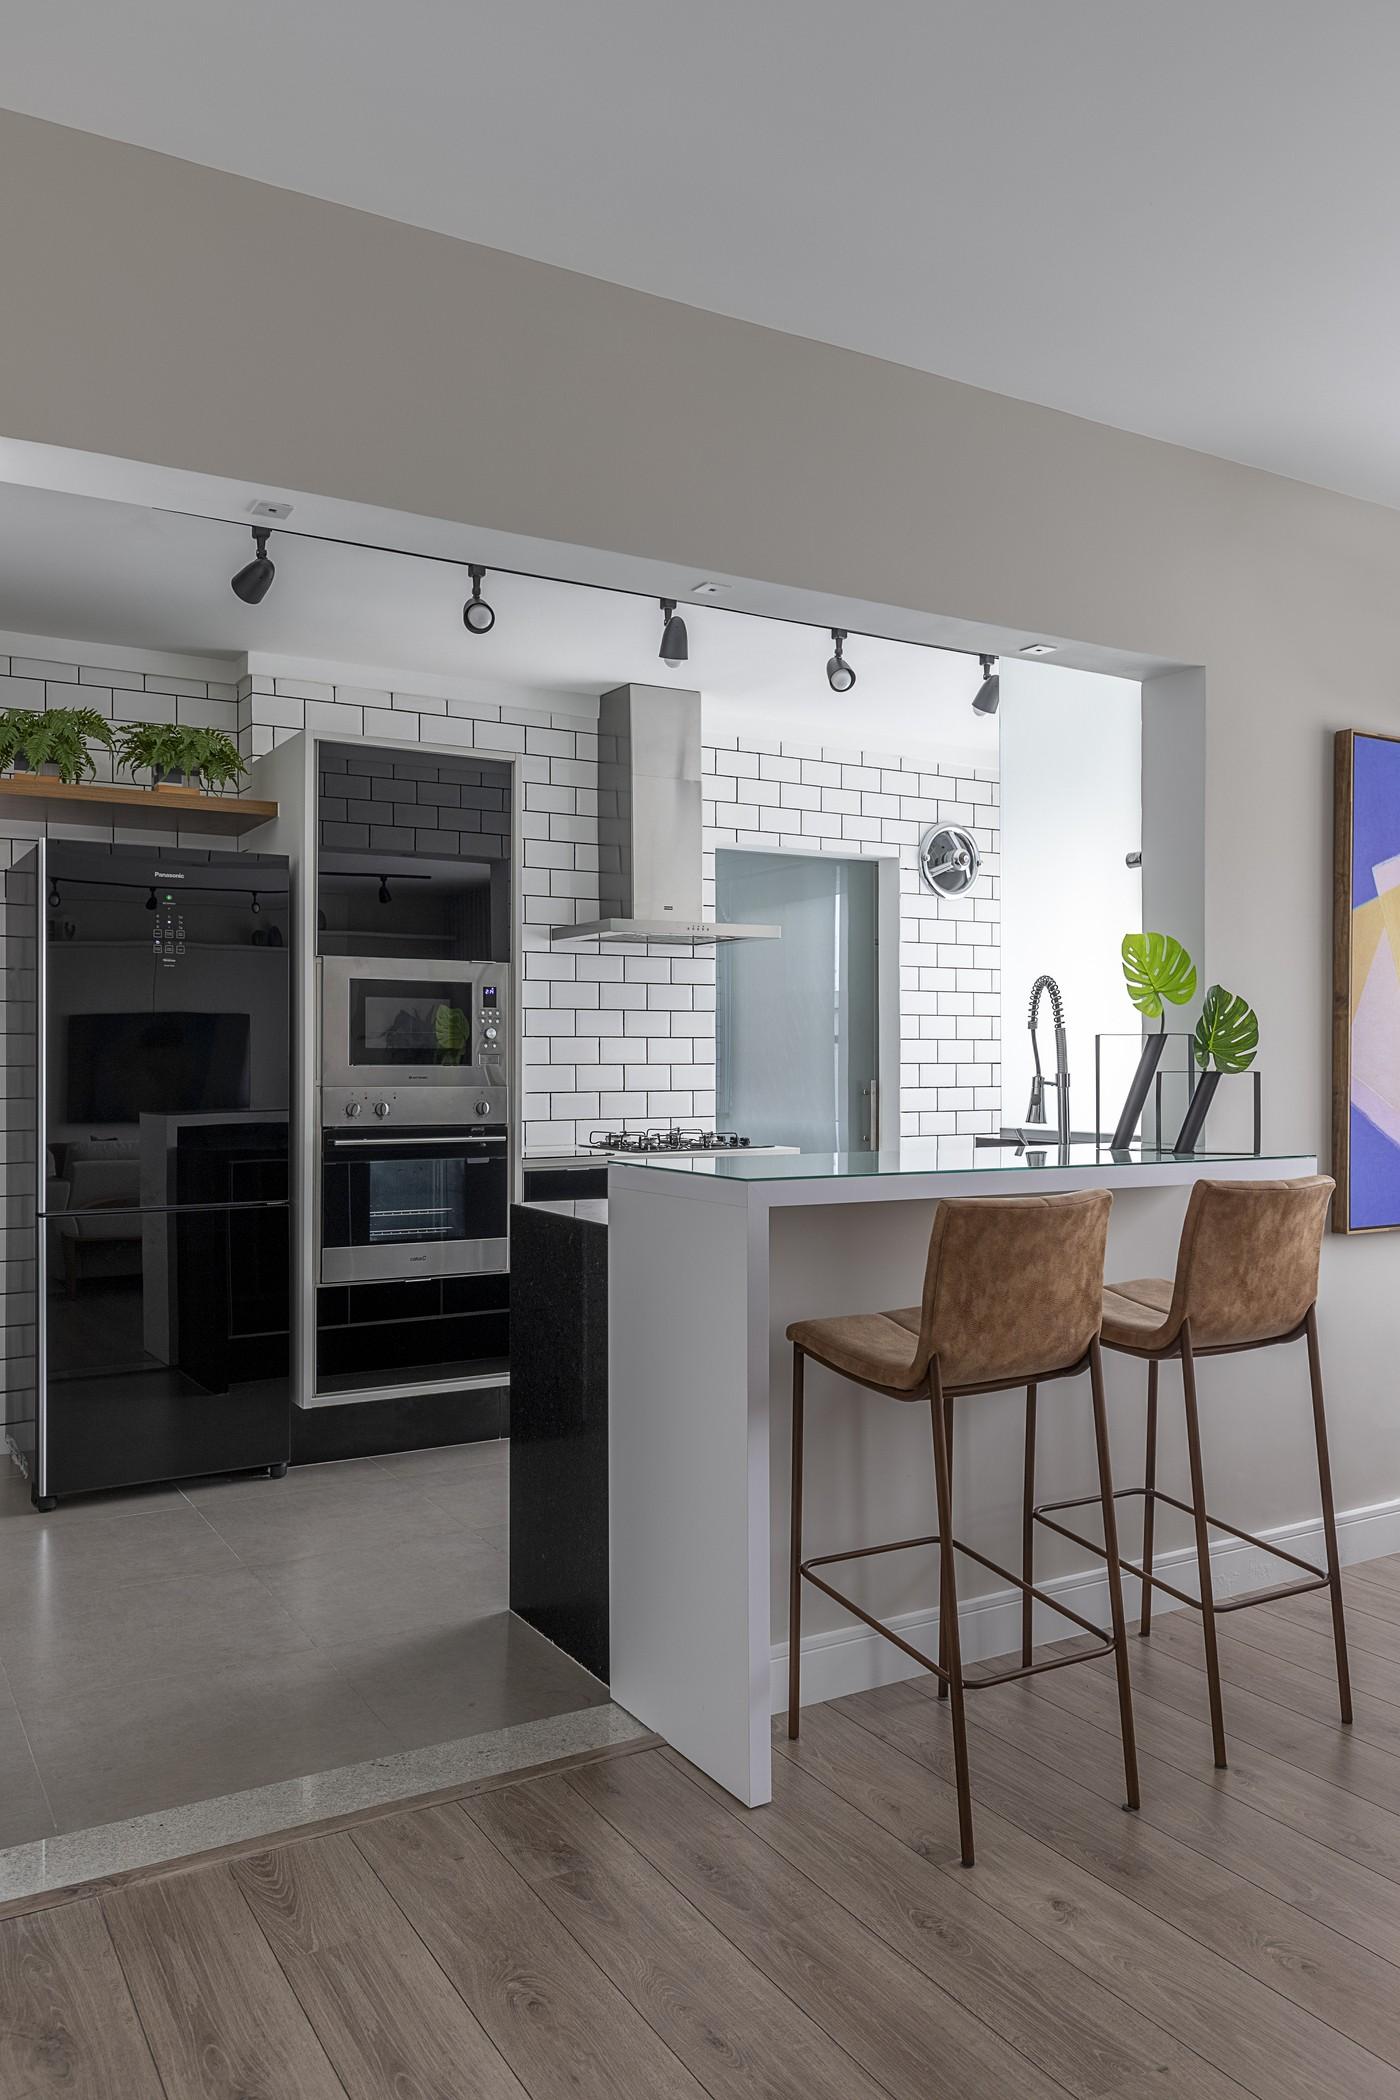 Décor do dia: cozinha aberta com bancada de apoio (Foto: Divulgação)